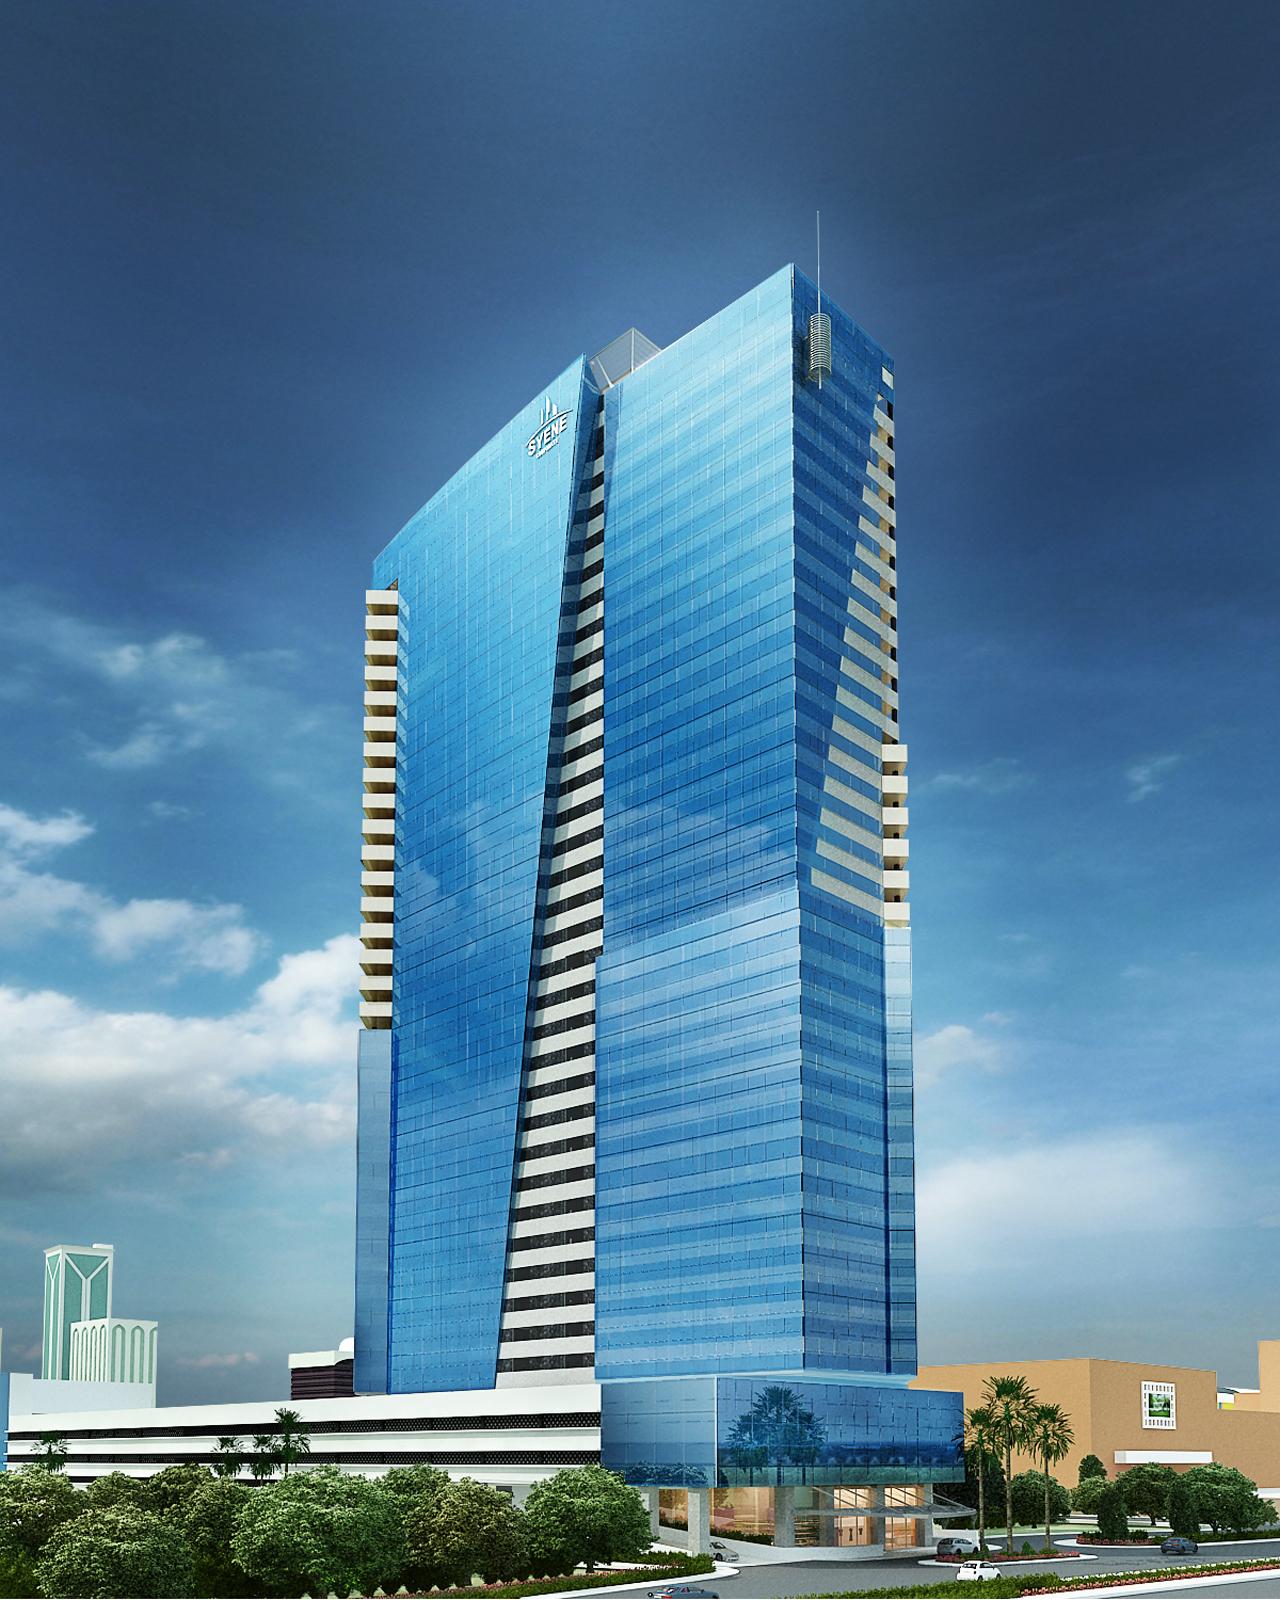 Syene Corporate / Caramelo Arquitetos Associados, Cortesia de Caramelo Arquitetos Associados